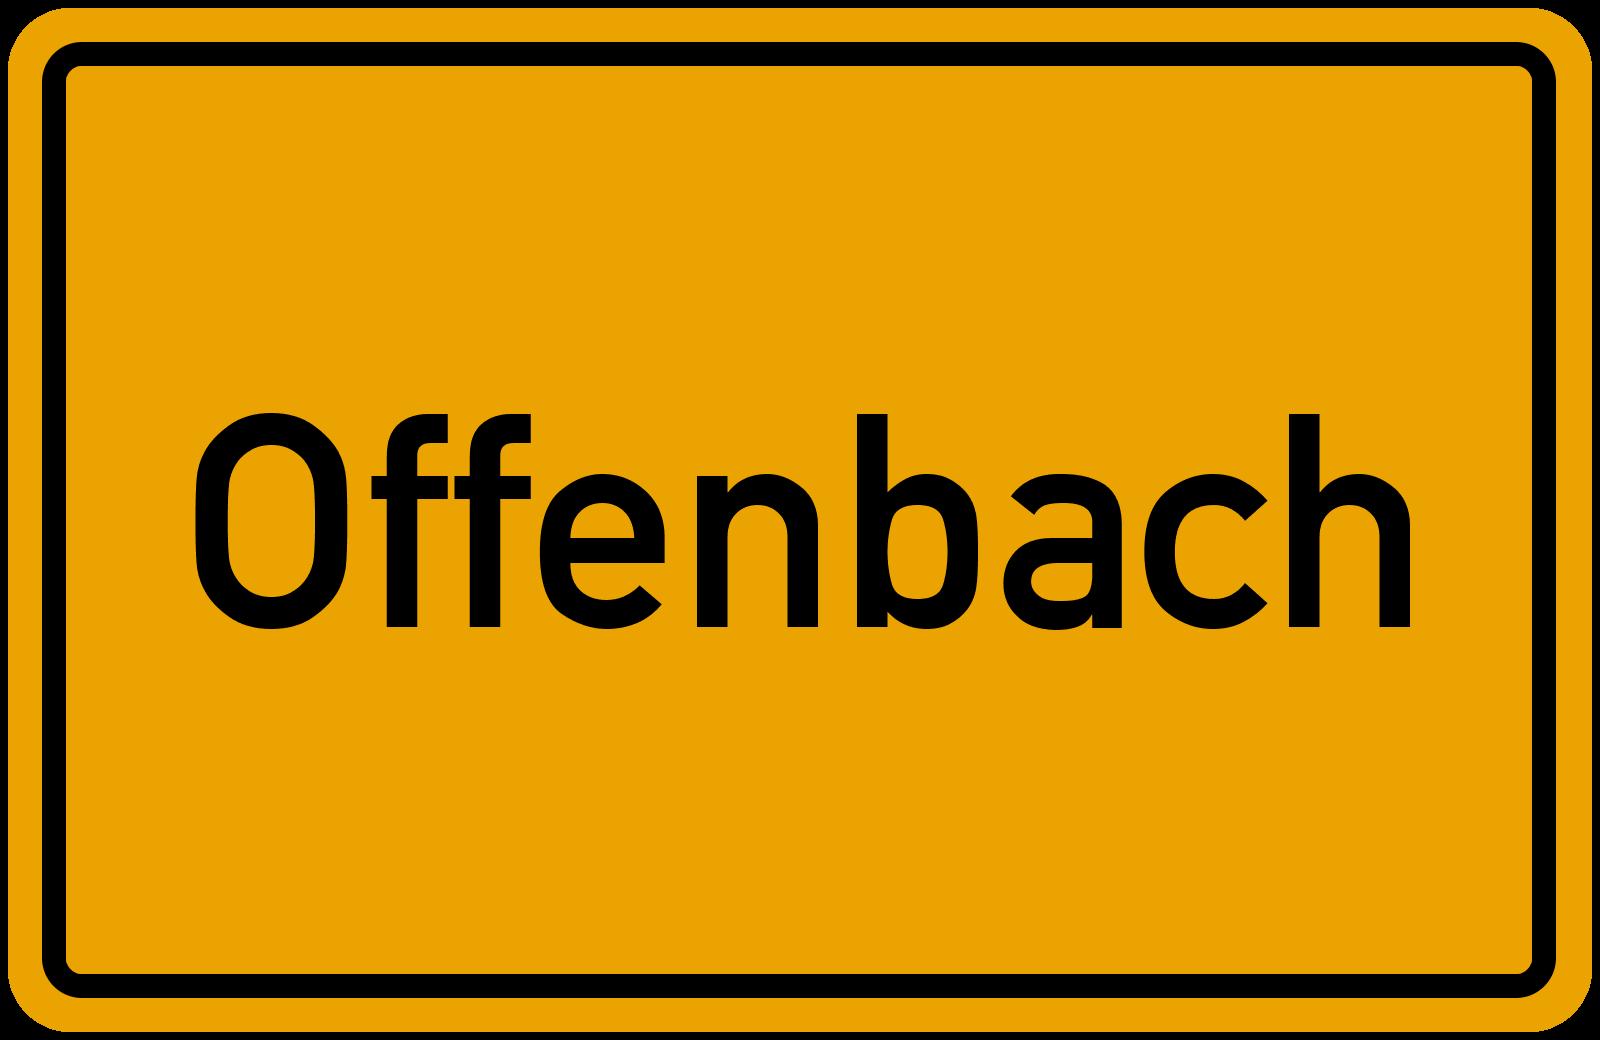 offenbach postleitzahlen: plz von offenbach in hessen, Innenarchitektur ideen